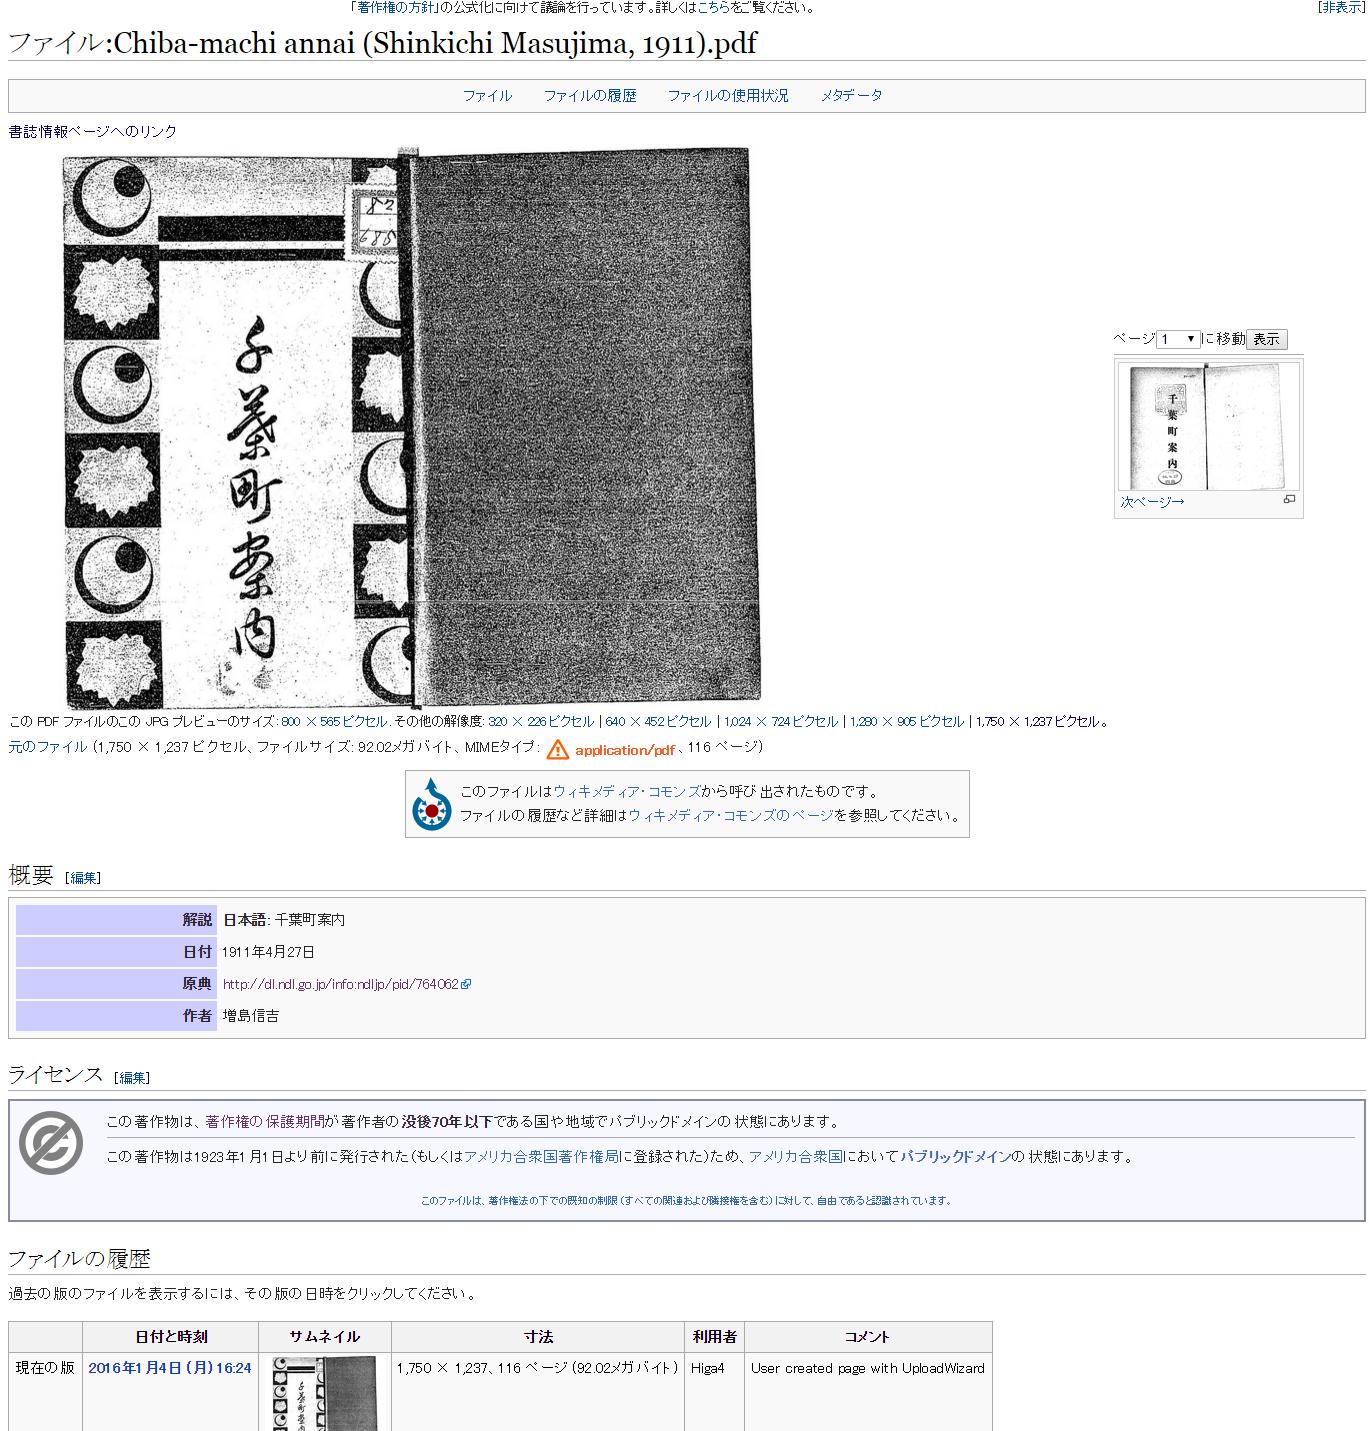 ファイル Chiba machi annai  Shinkichi Masujima  1911 .pdf   Wikisource.png